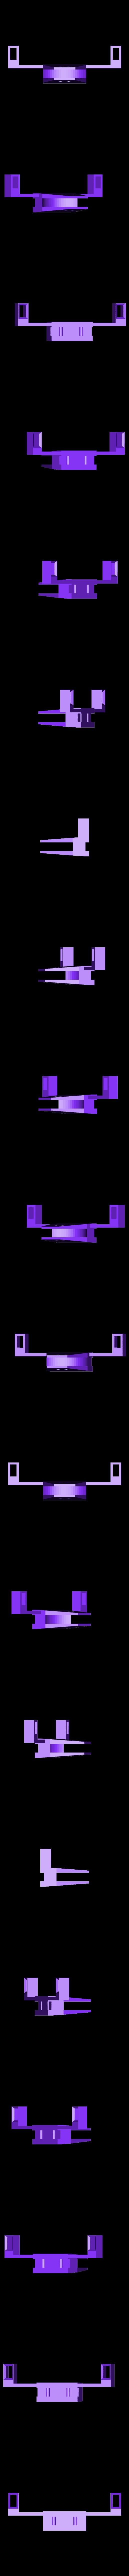 BatteryHolder2032.stl Télécharger fichier STL gratuit Châssis du robot Walker • Design à imprimer en 3D, SiberK